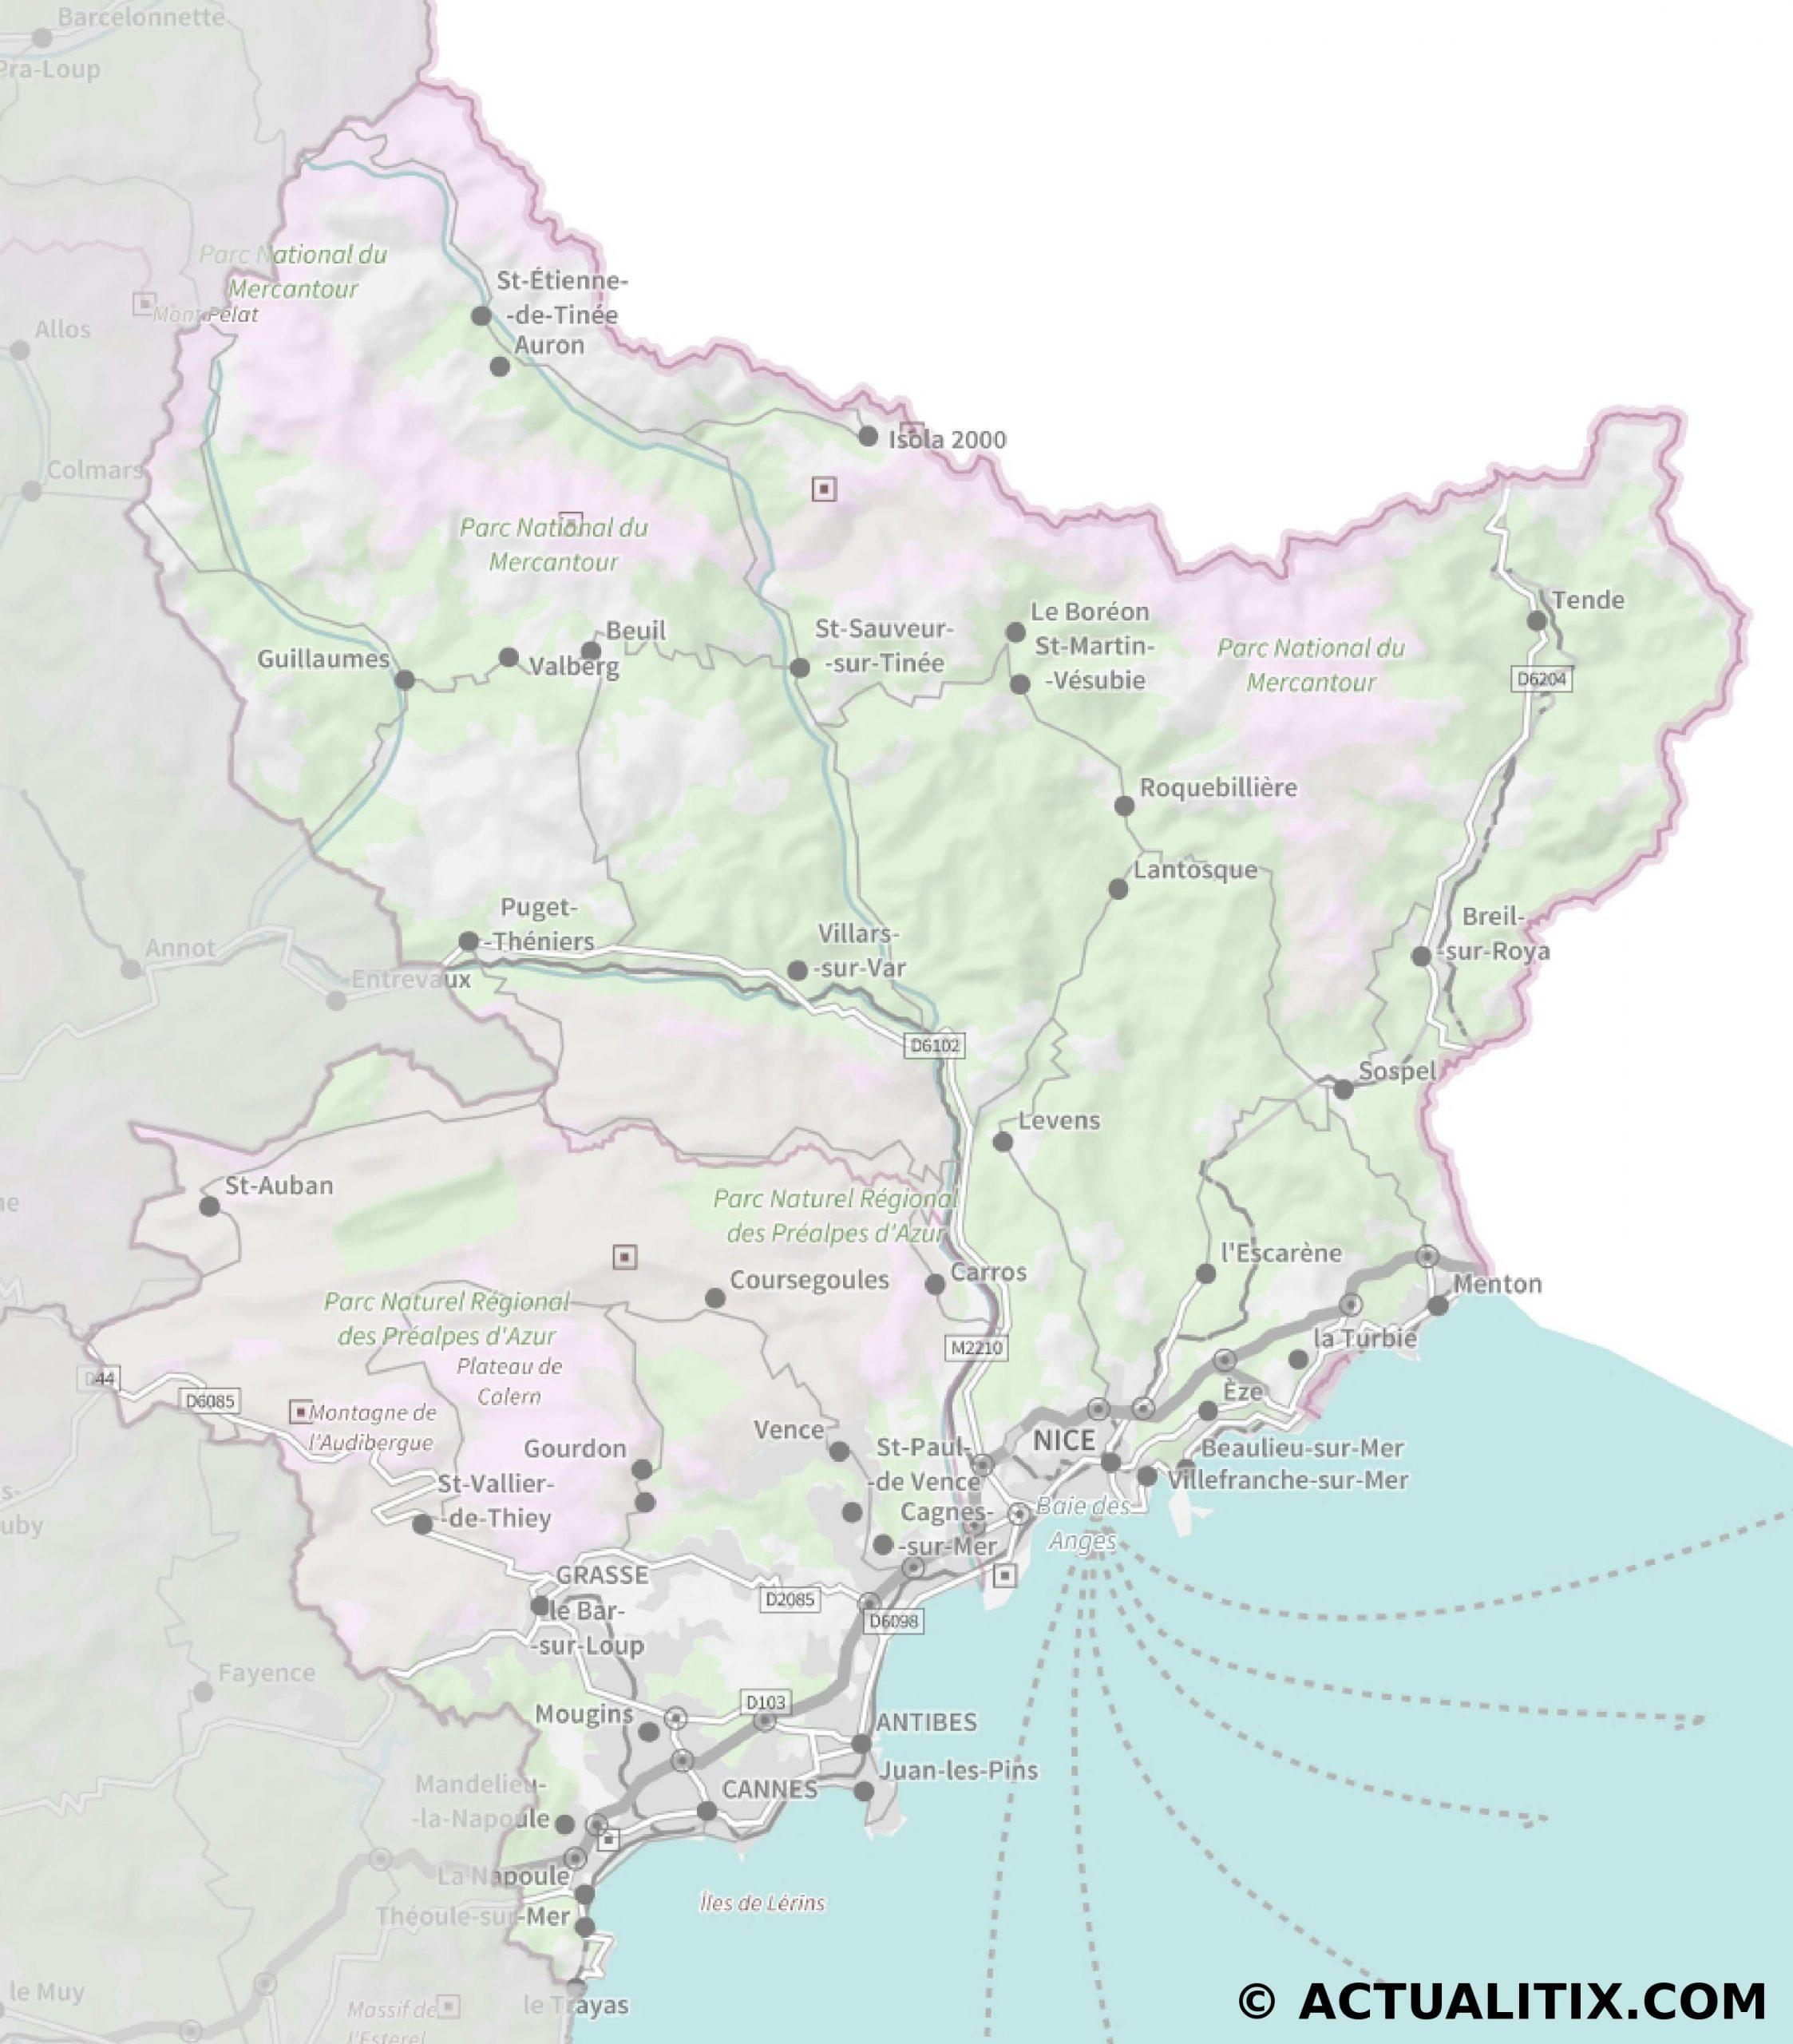 Carte Des Alpes-Maritimes - Cartes Et Plans Du Département intérieur Carte De France Avec Départements Et Préfectures